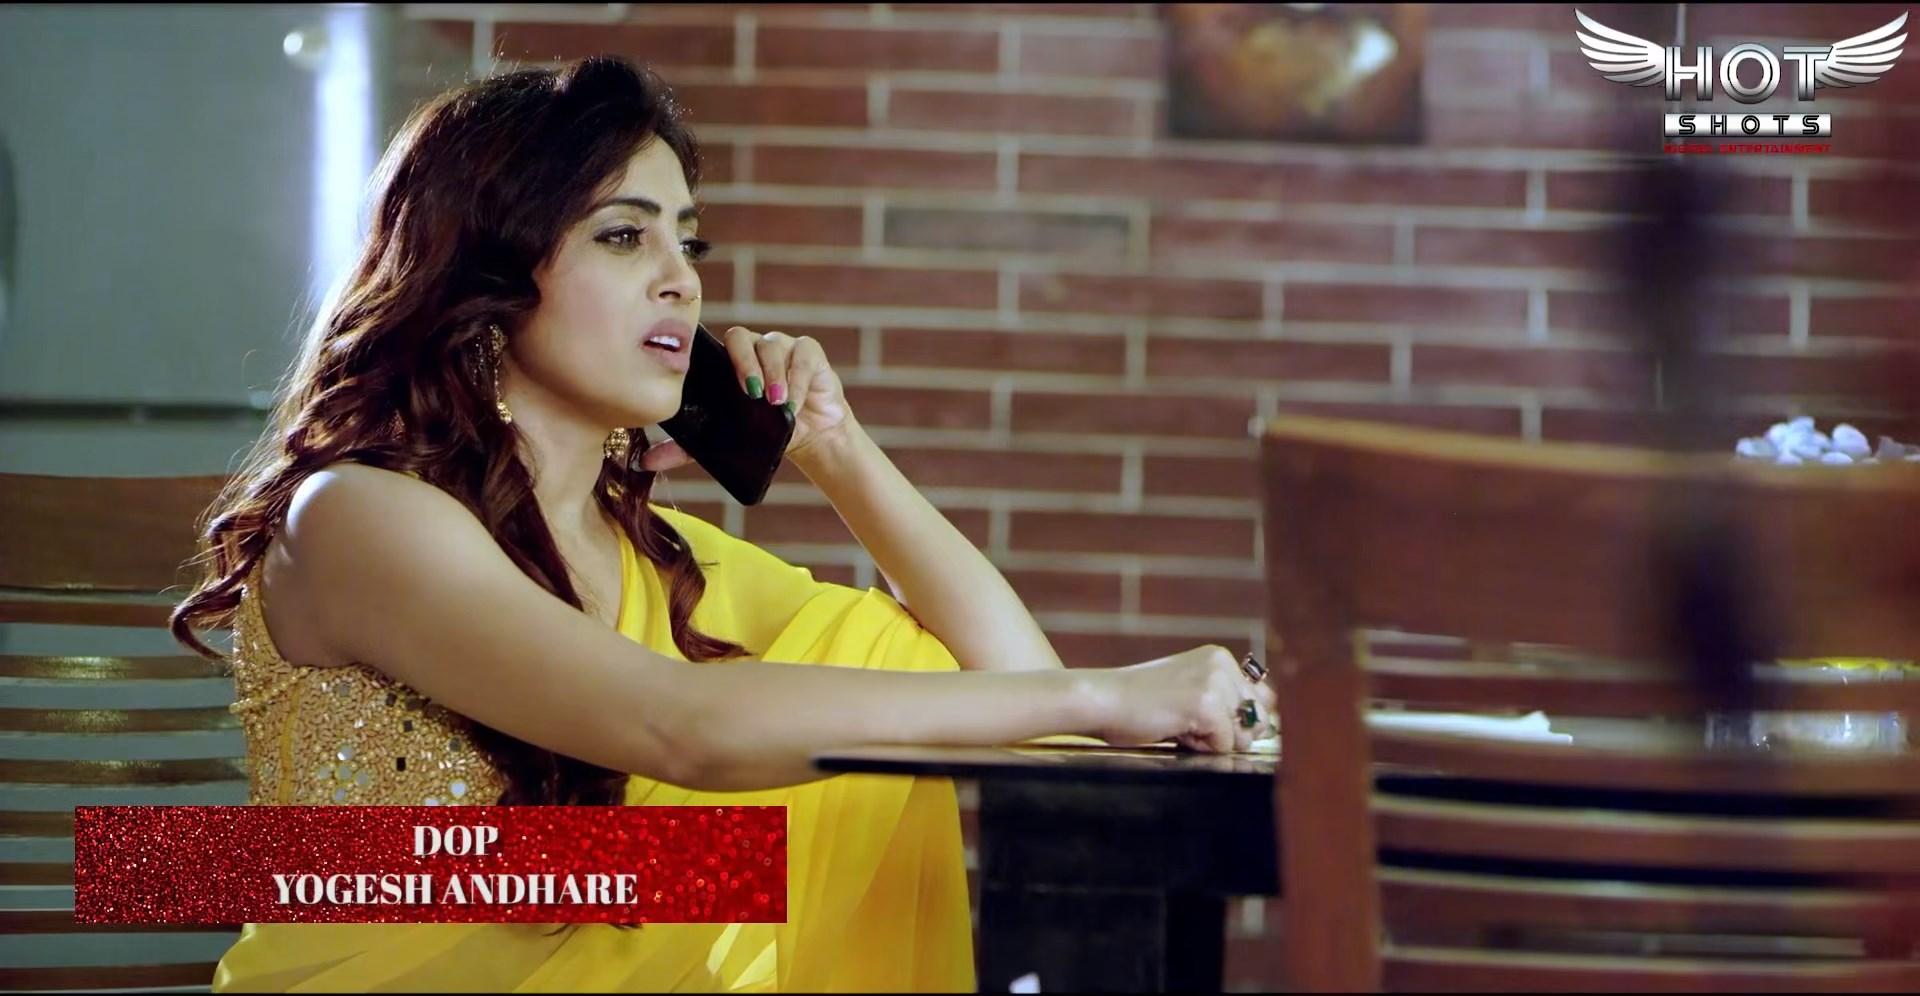 dhrs 1 - 18+ Dream 2020 HotShots Originals Hindi Short Film 720p HDRip 150MB x264 AAC